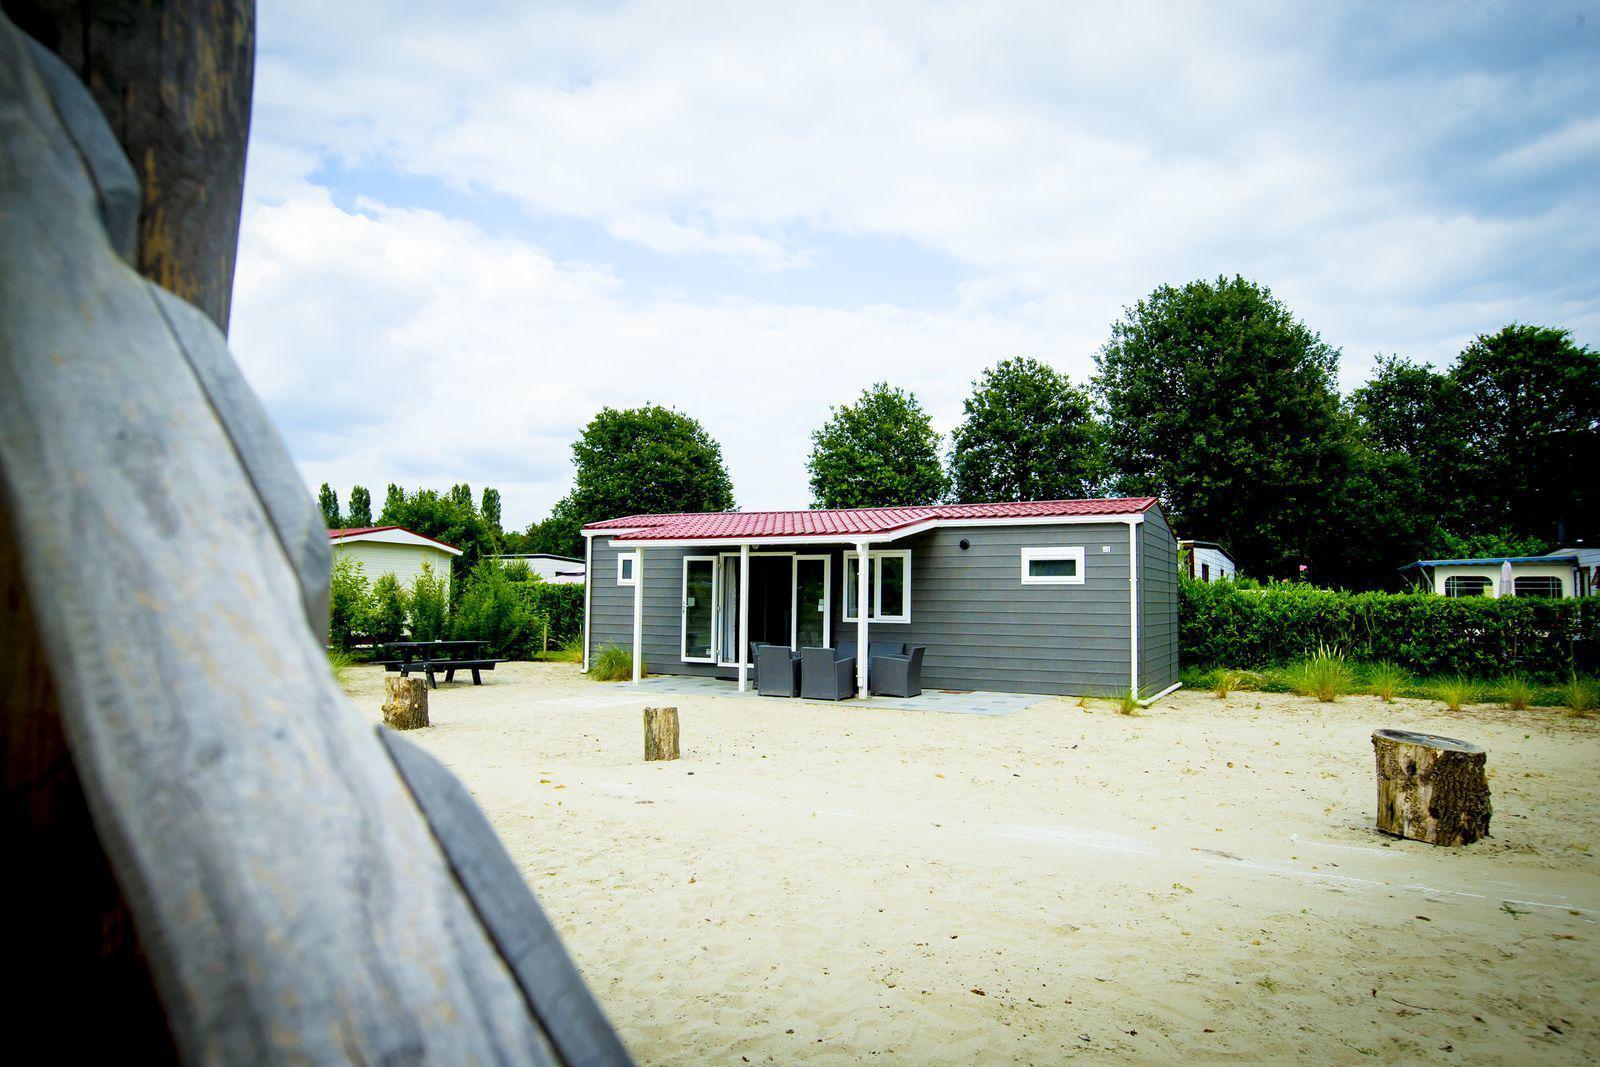 Duin Lodge voor 6-personen in Noord-Brabant | Recreatiepark Duinhoeve